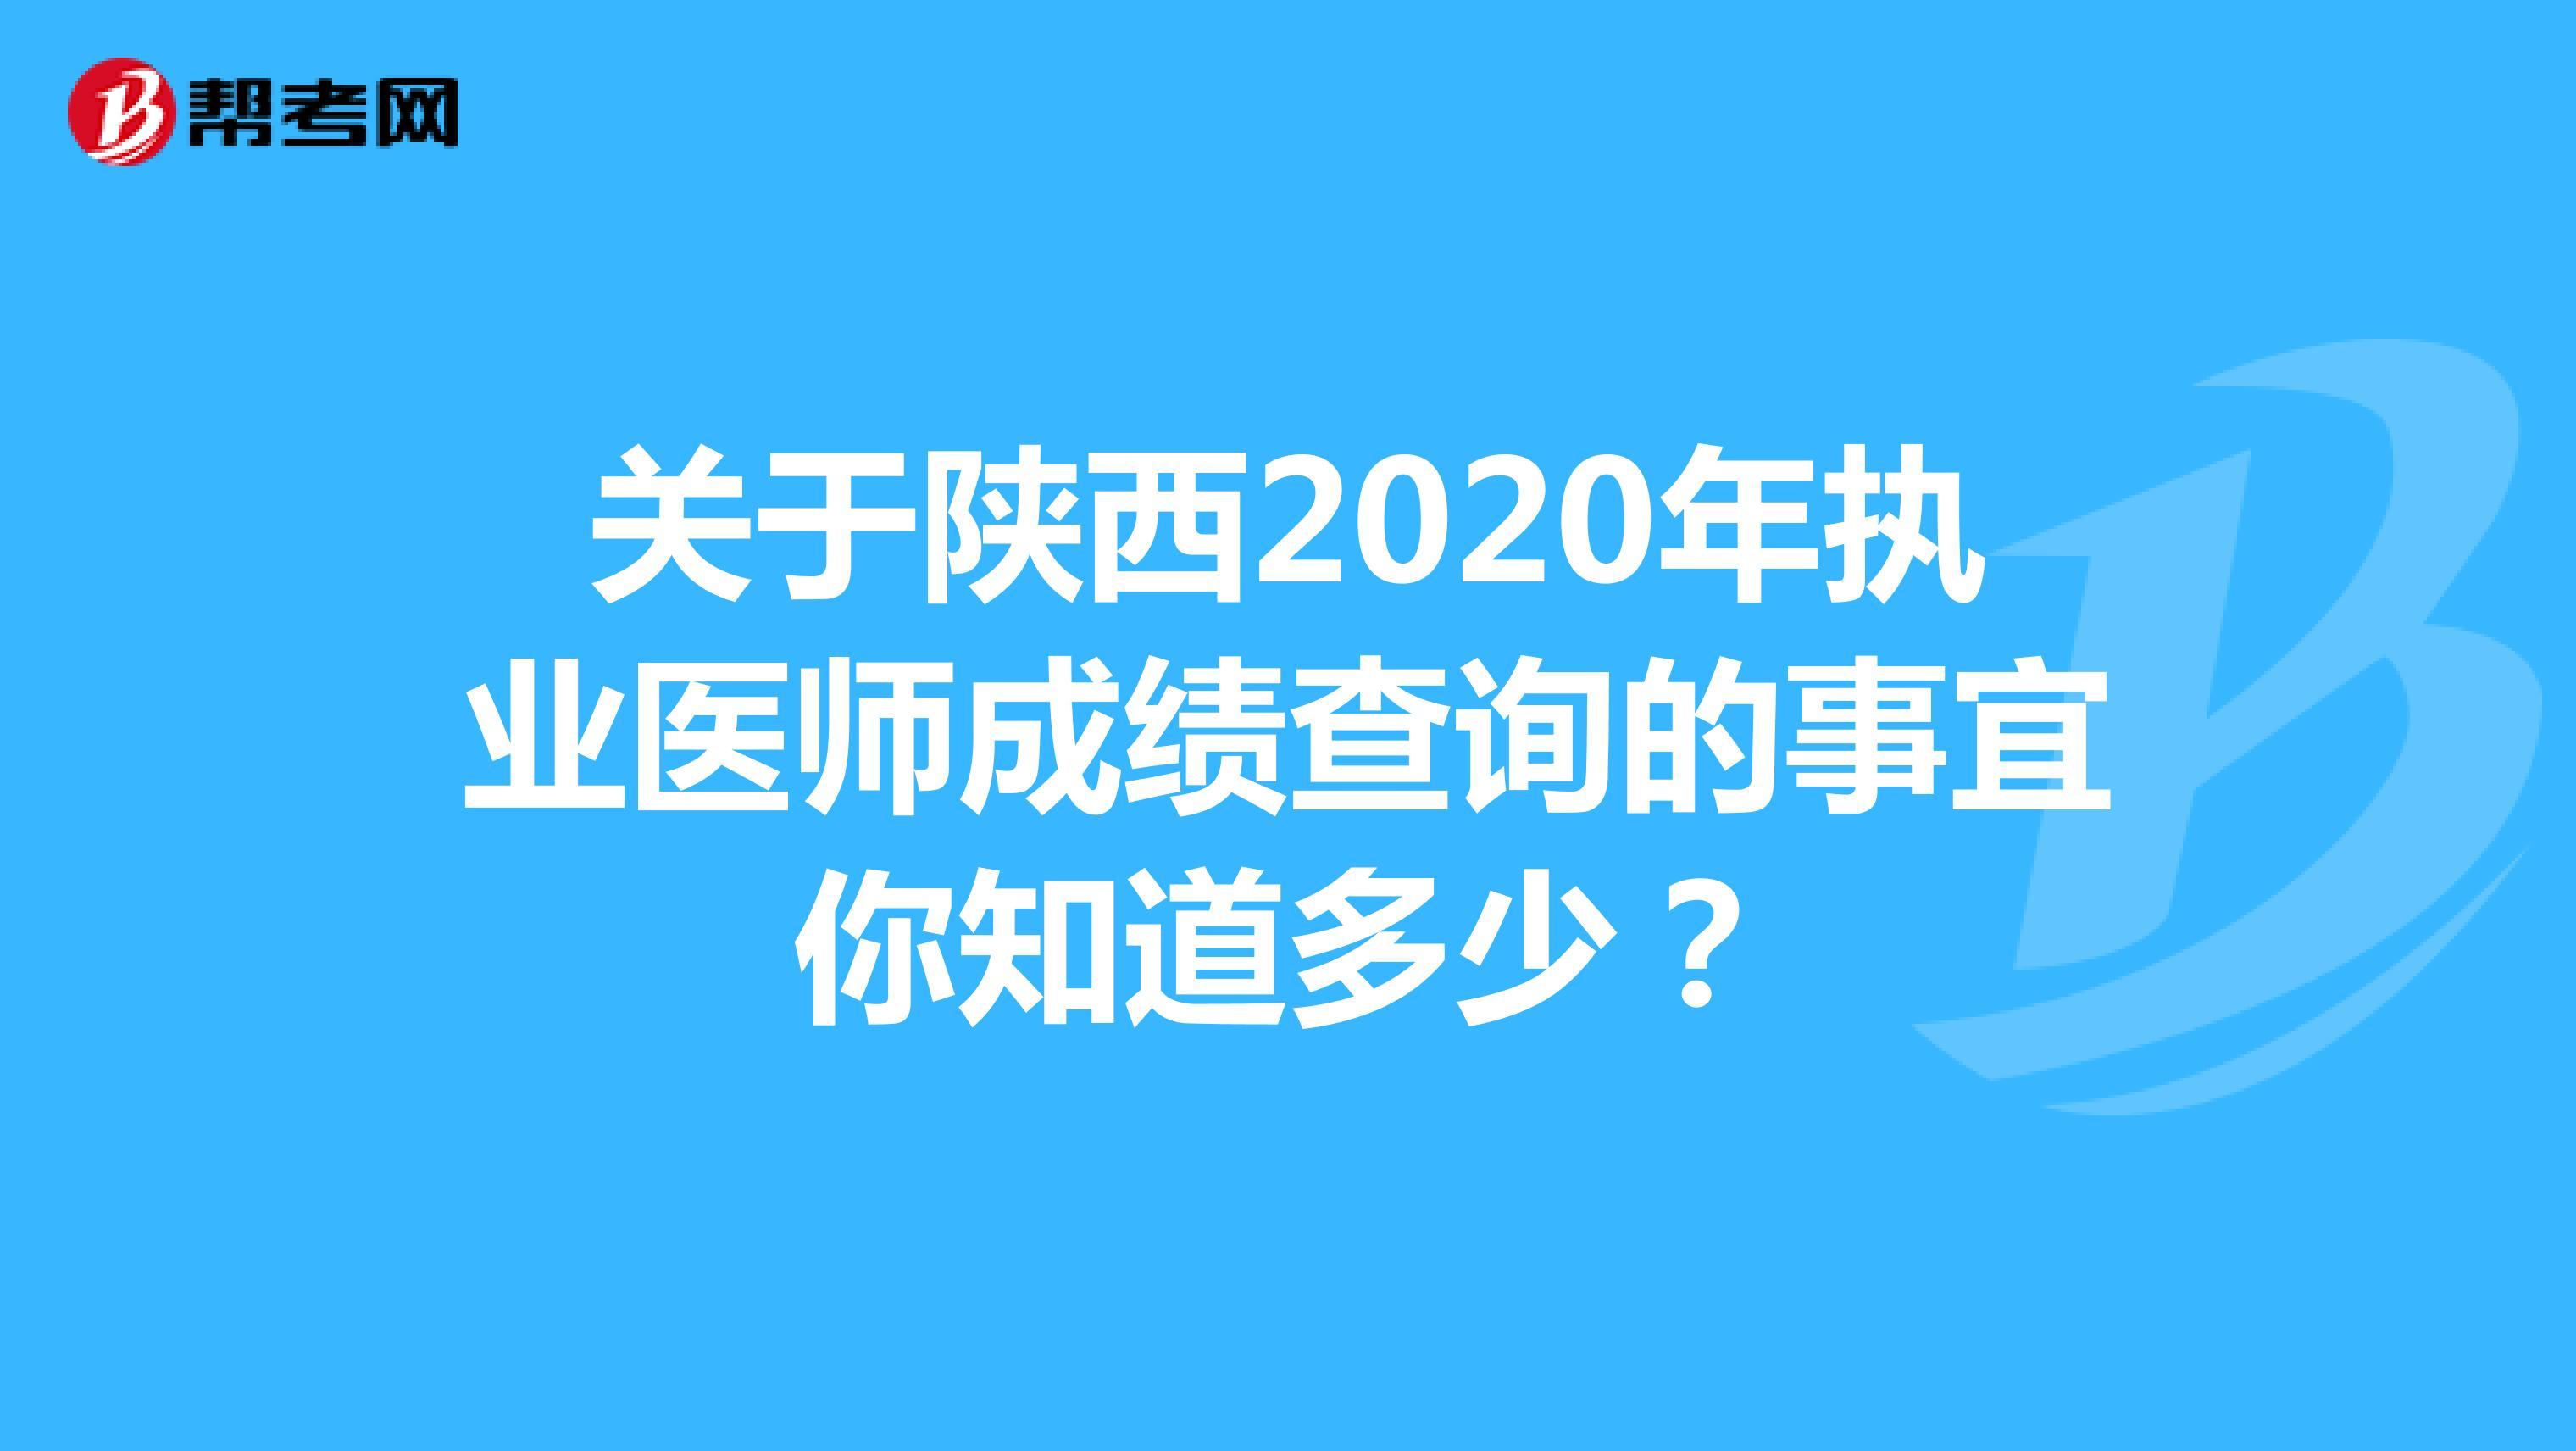 关于陕西2020年雷火雷火电竞查询的事宜你知道多少?